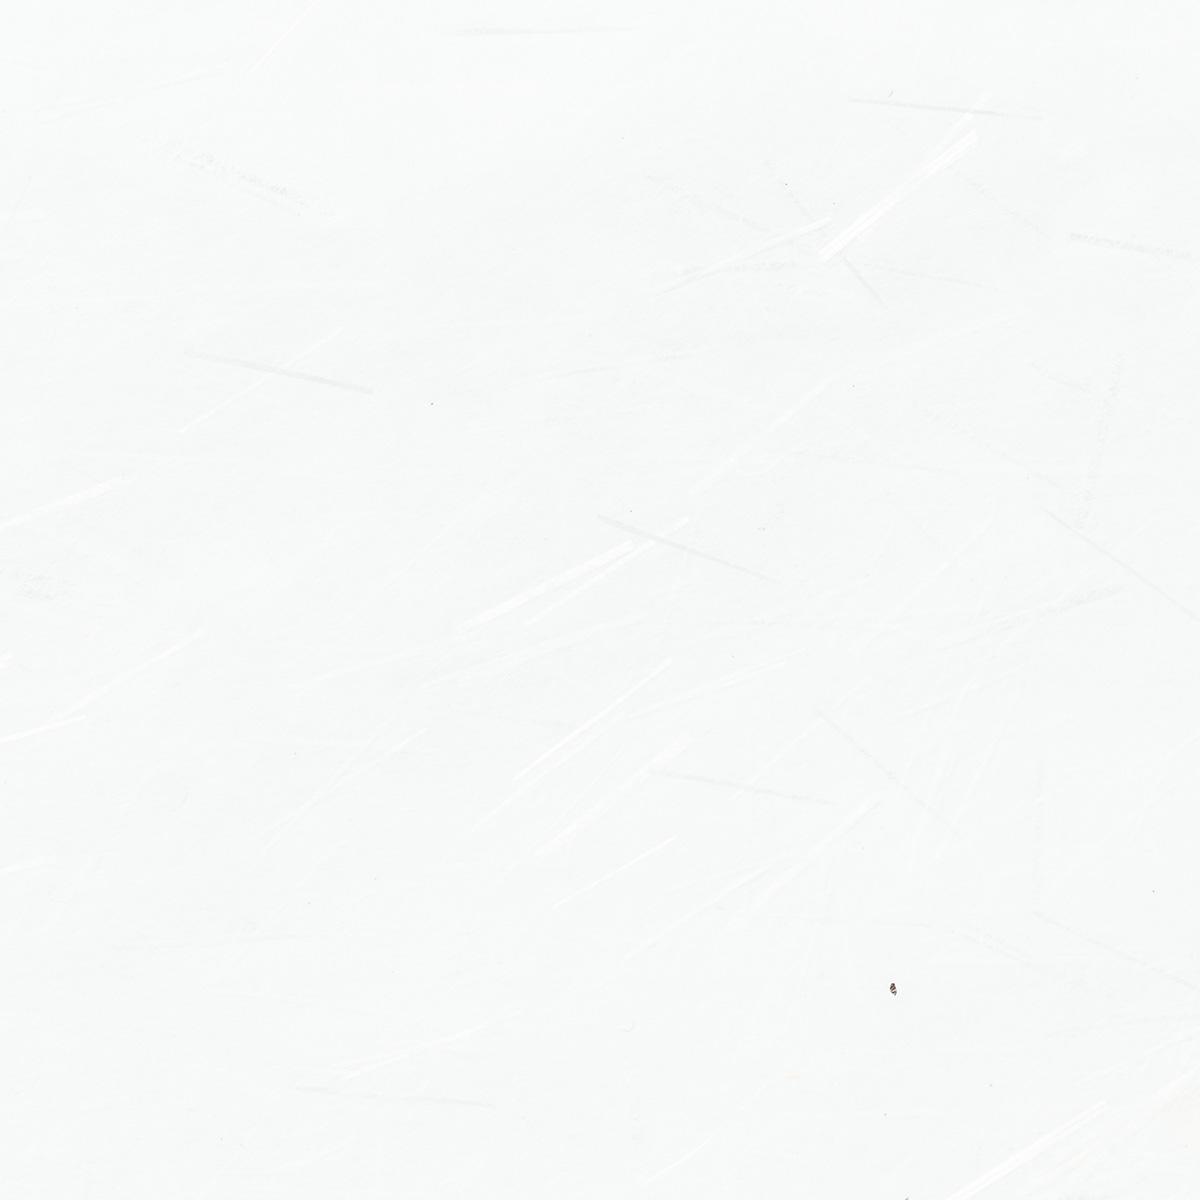 小川 ガラス雲龍紙  白